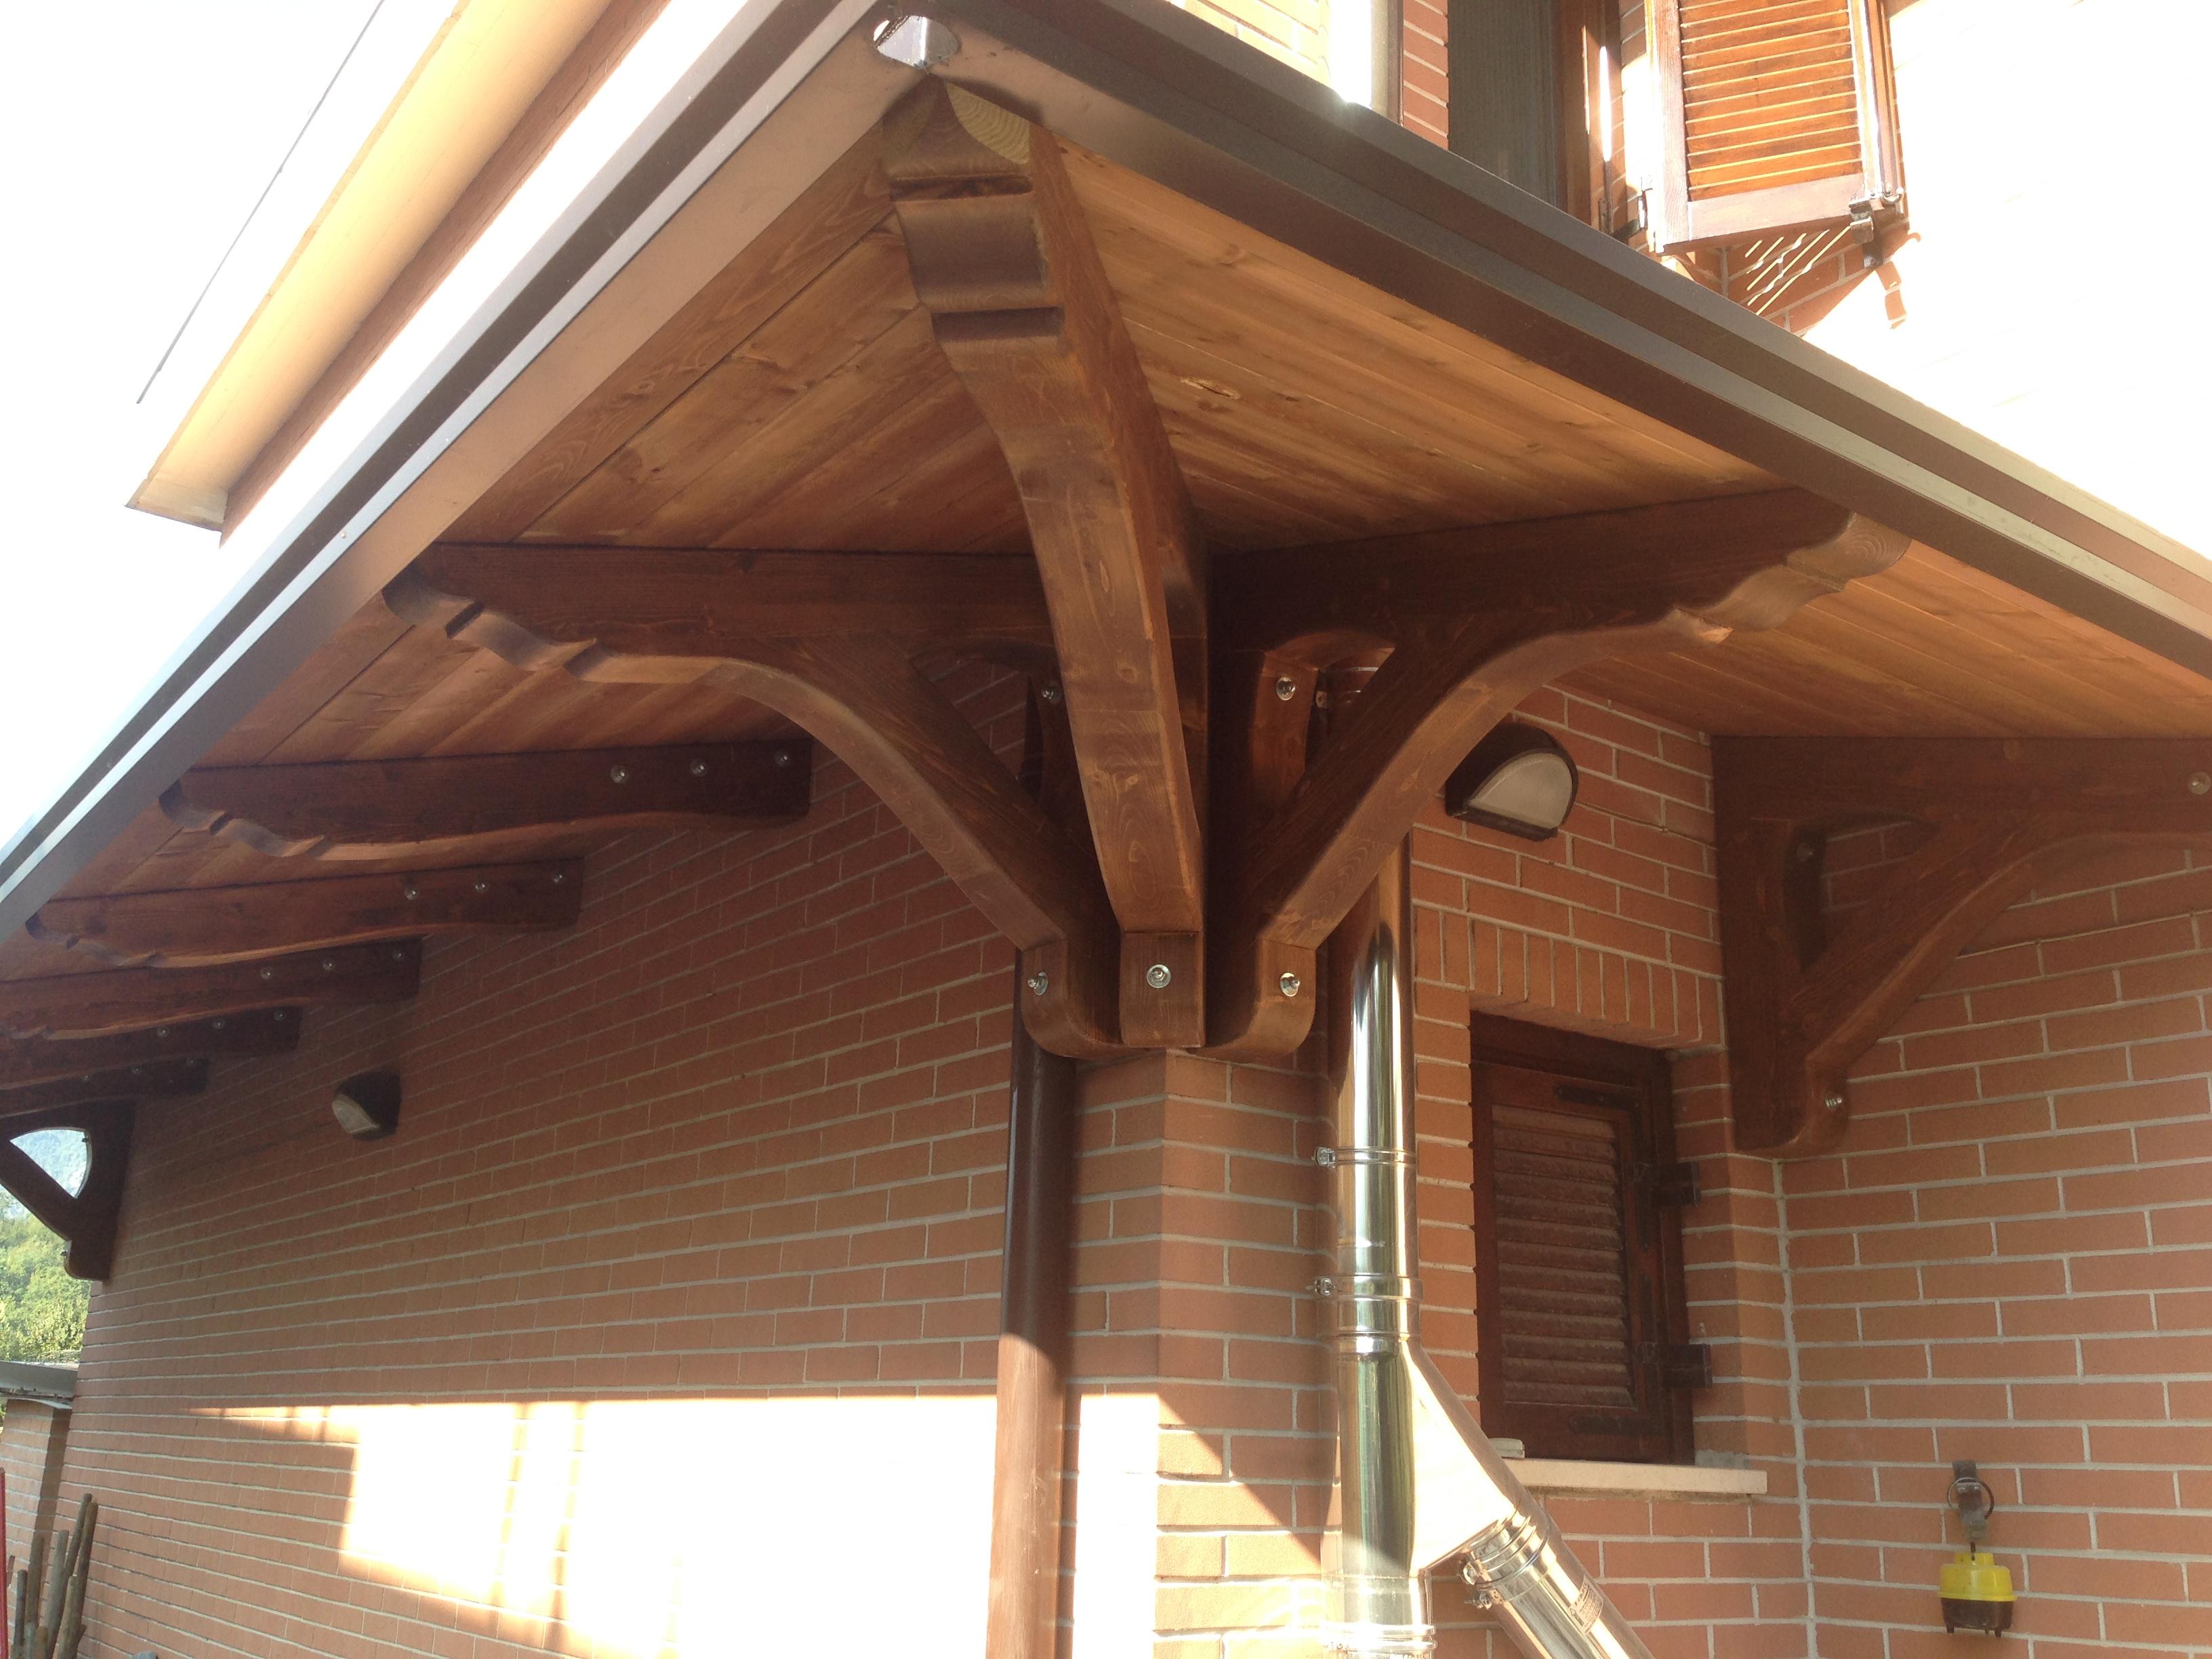 Tettoie in legno pino costruzioni group srls casal velino sa